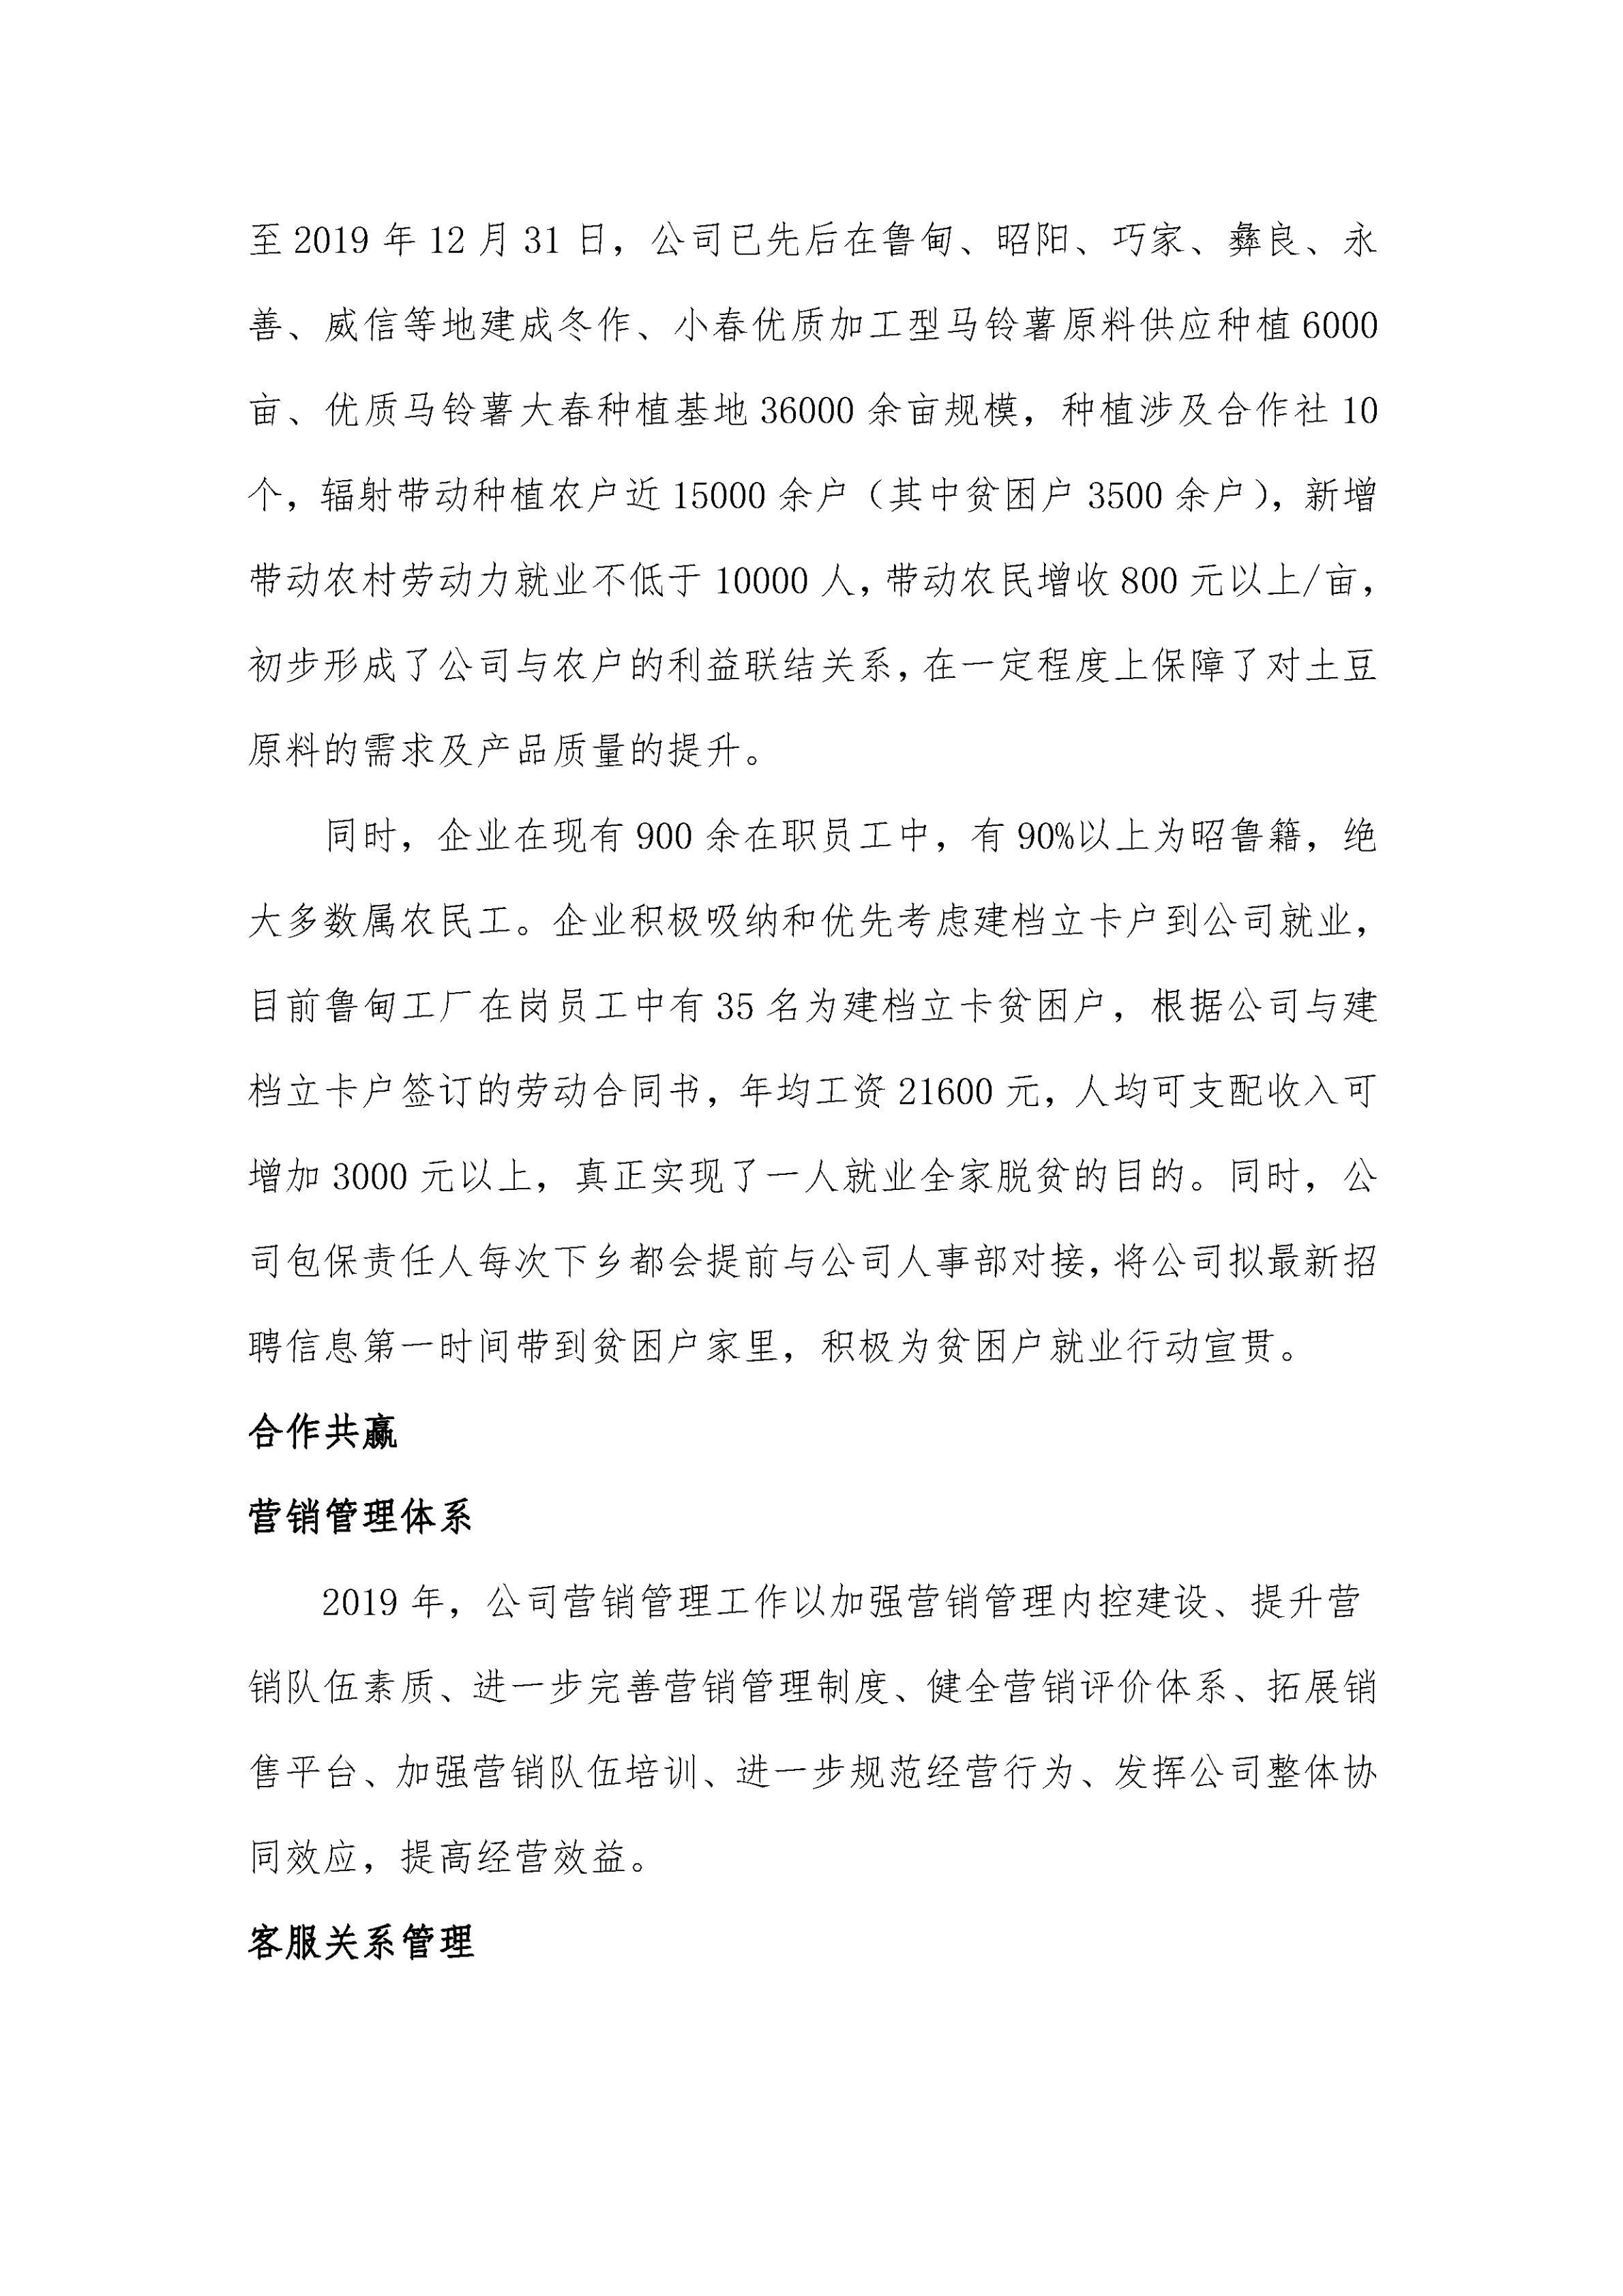 云南理世实业(集团)有限责任公司2019年社会责任报告.FR11_10.jpg